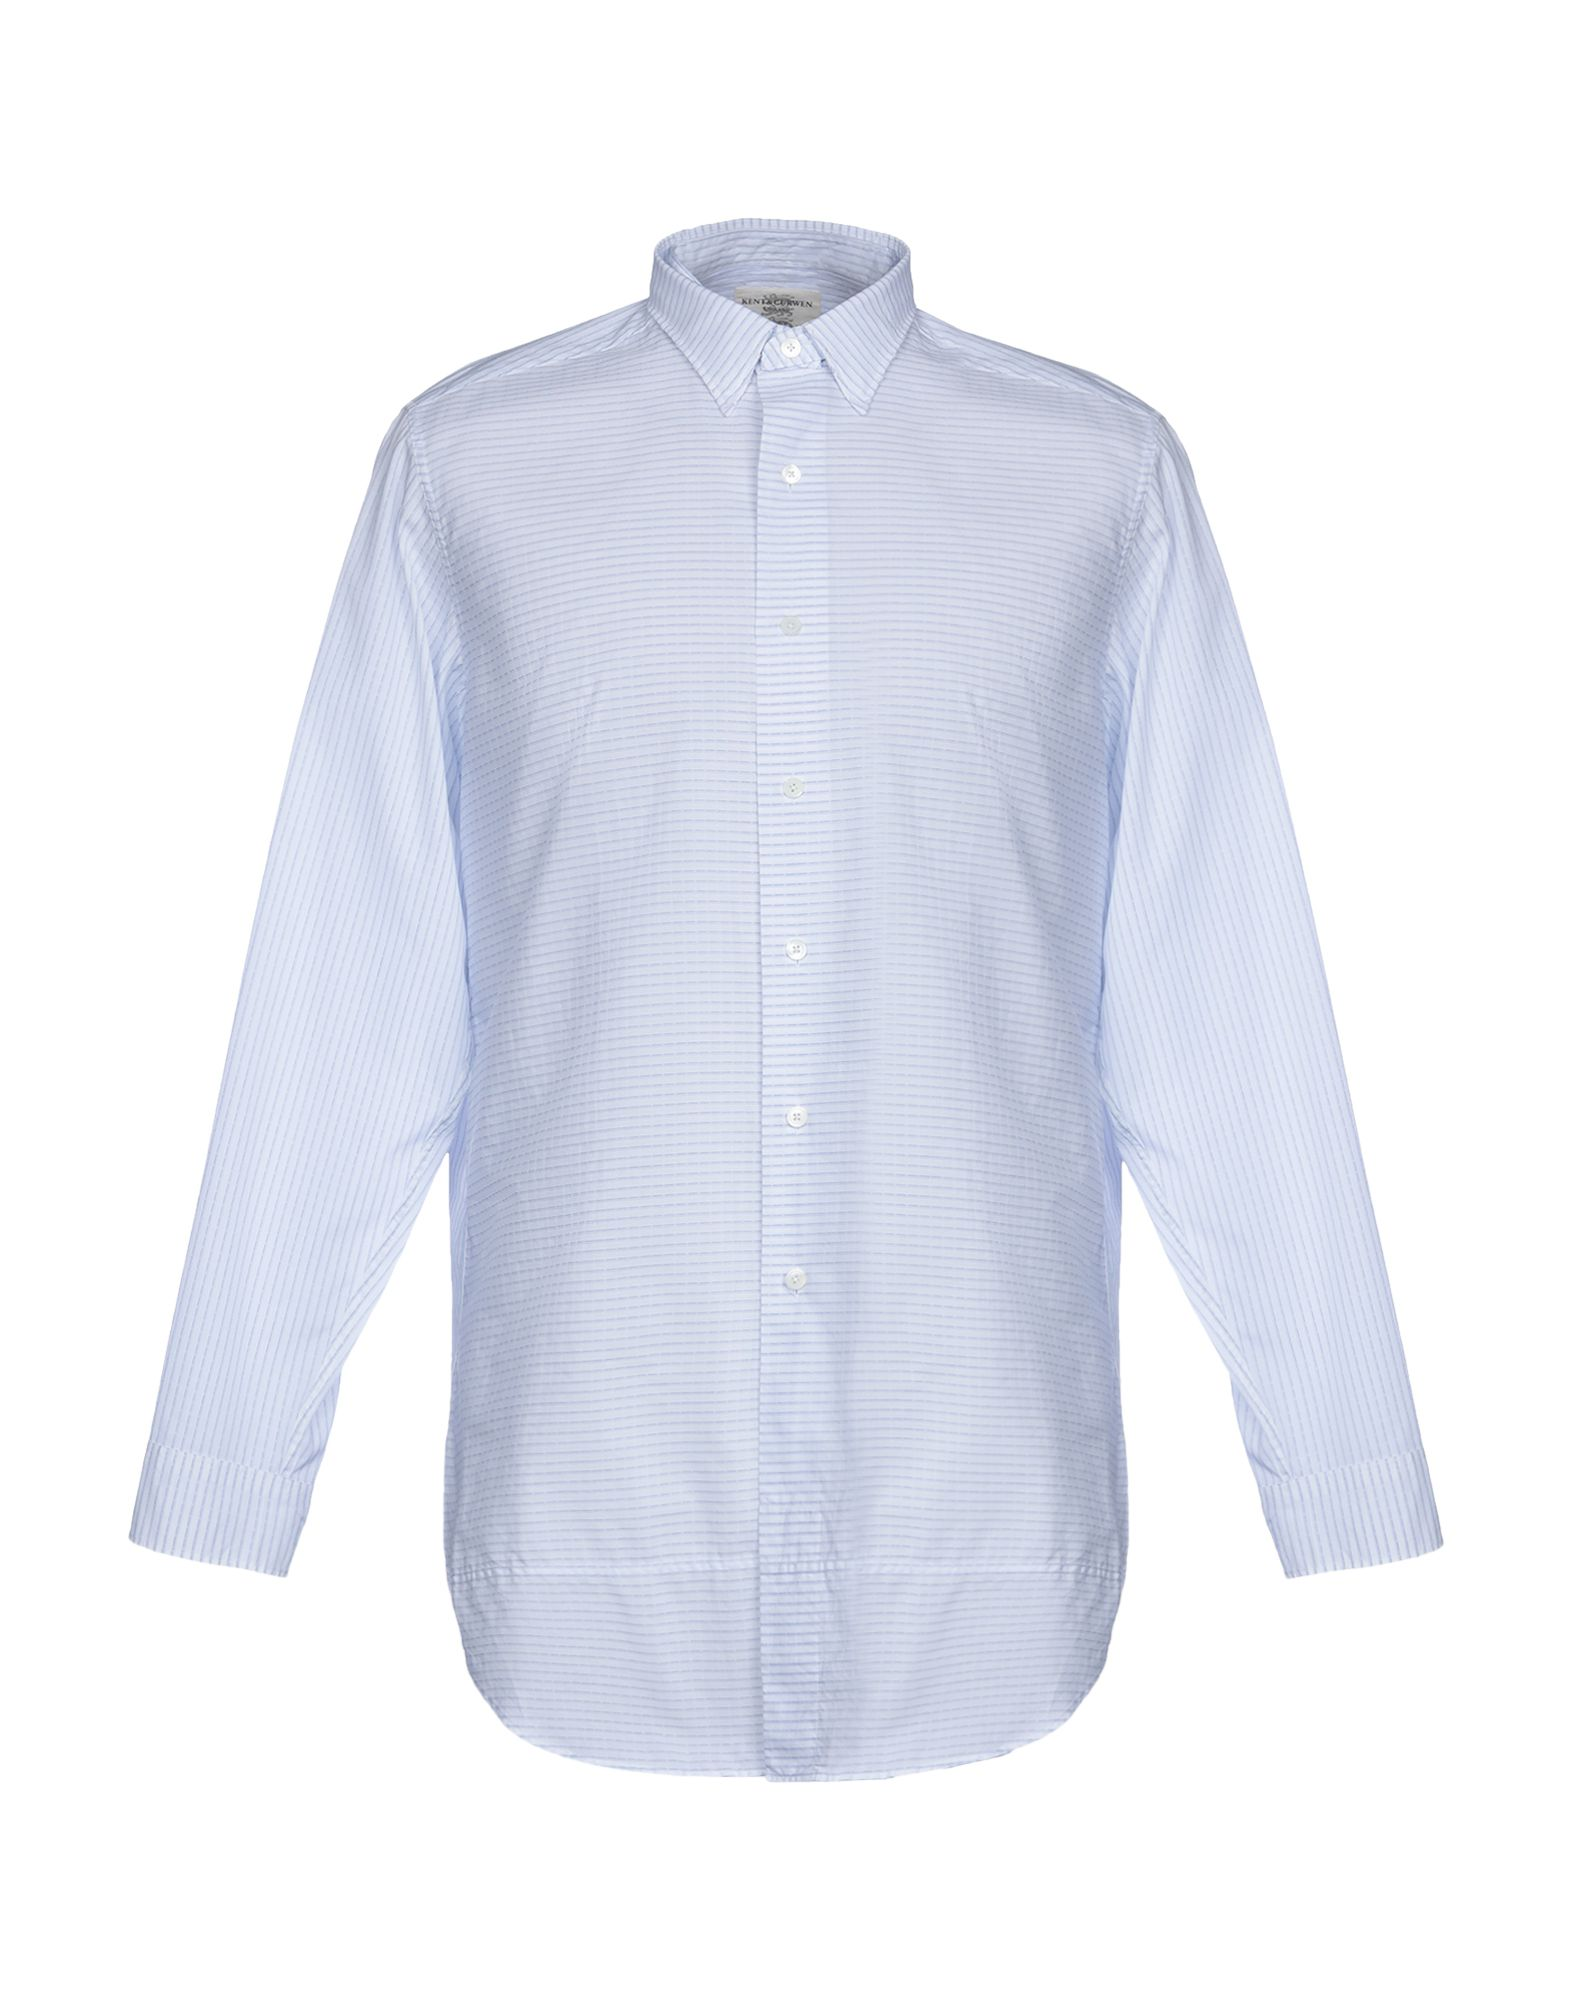 《送料無料》KENT & CURWEN メンズ シャツ ホワイト XS コットン 100%